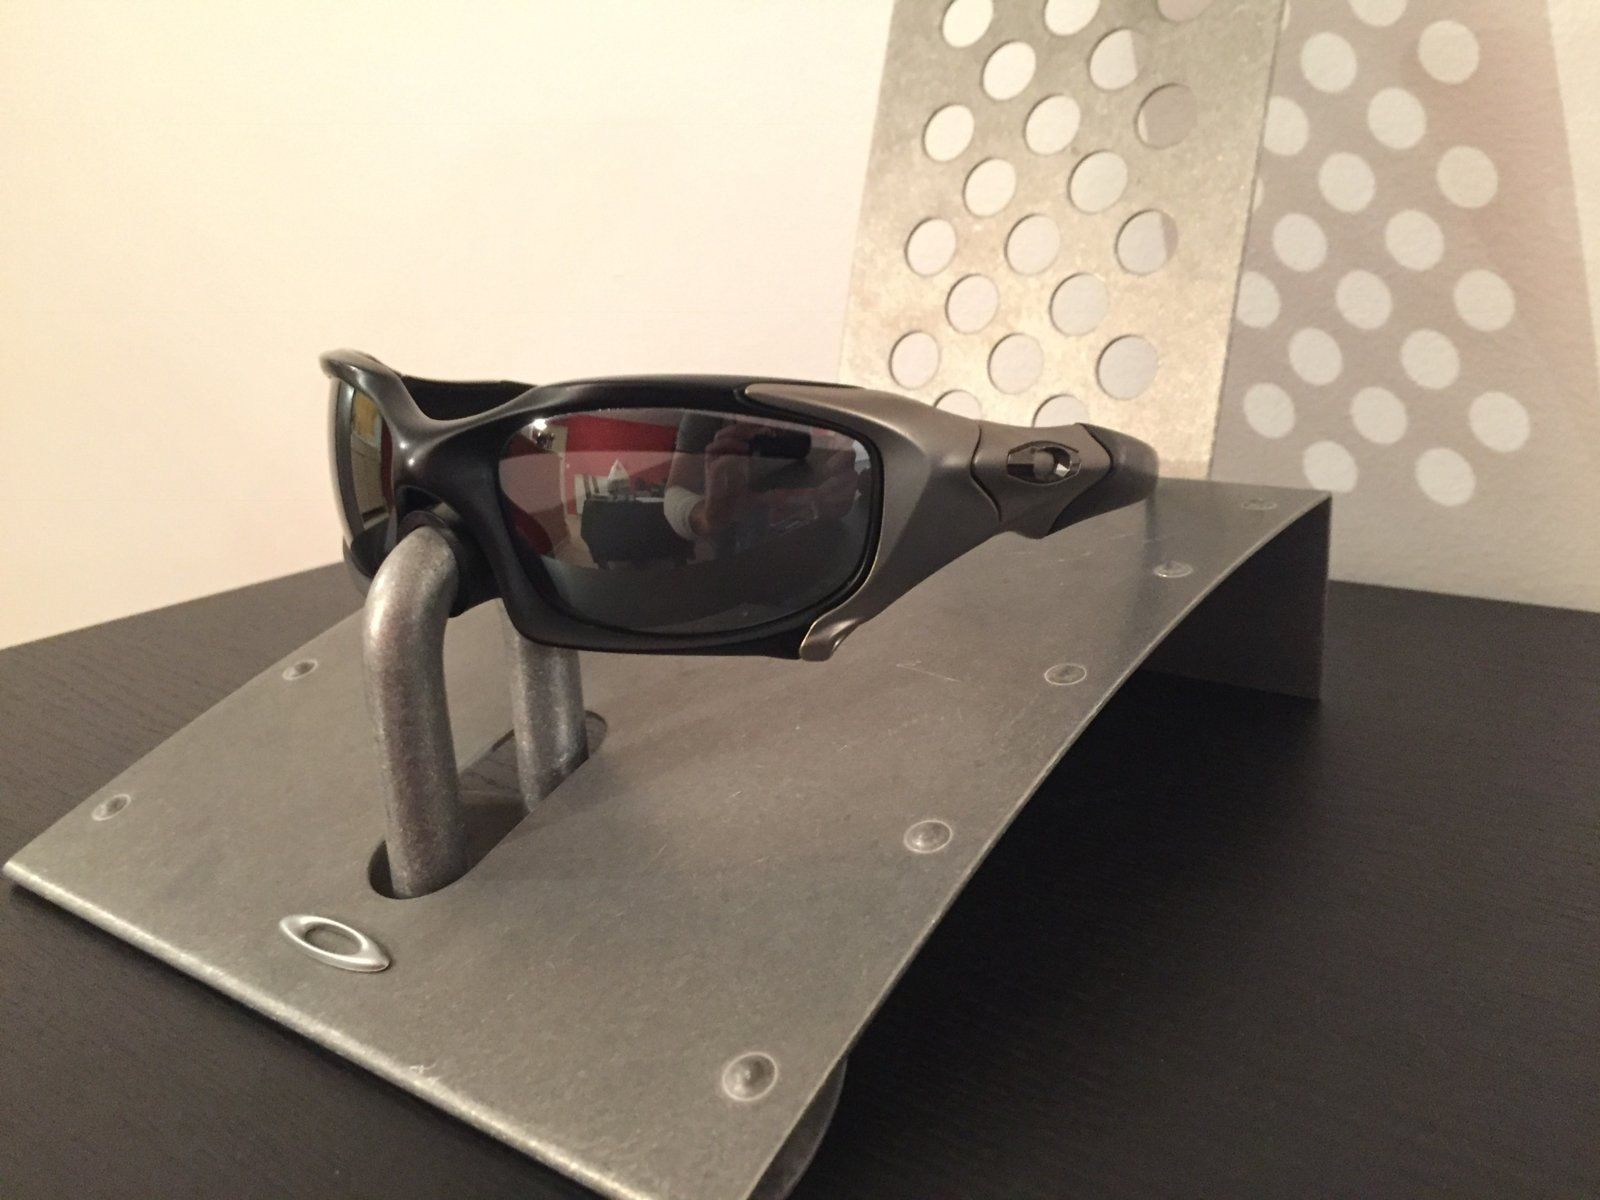 Oakley pit boss 1 matte black / black iridium - image.jpeg